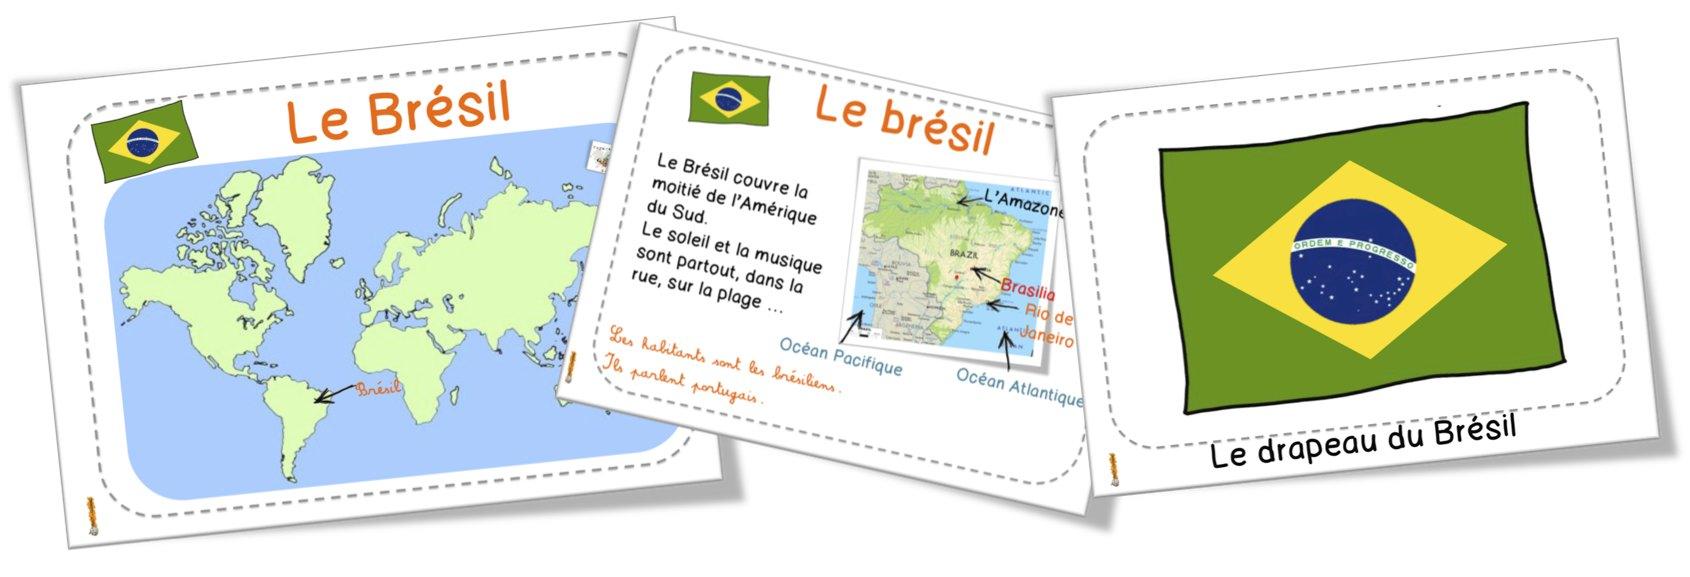 Carte Identite Bresil.Le Bresil Diaporama Et Fiches Ddm Avec Loup Bout De